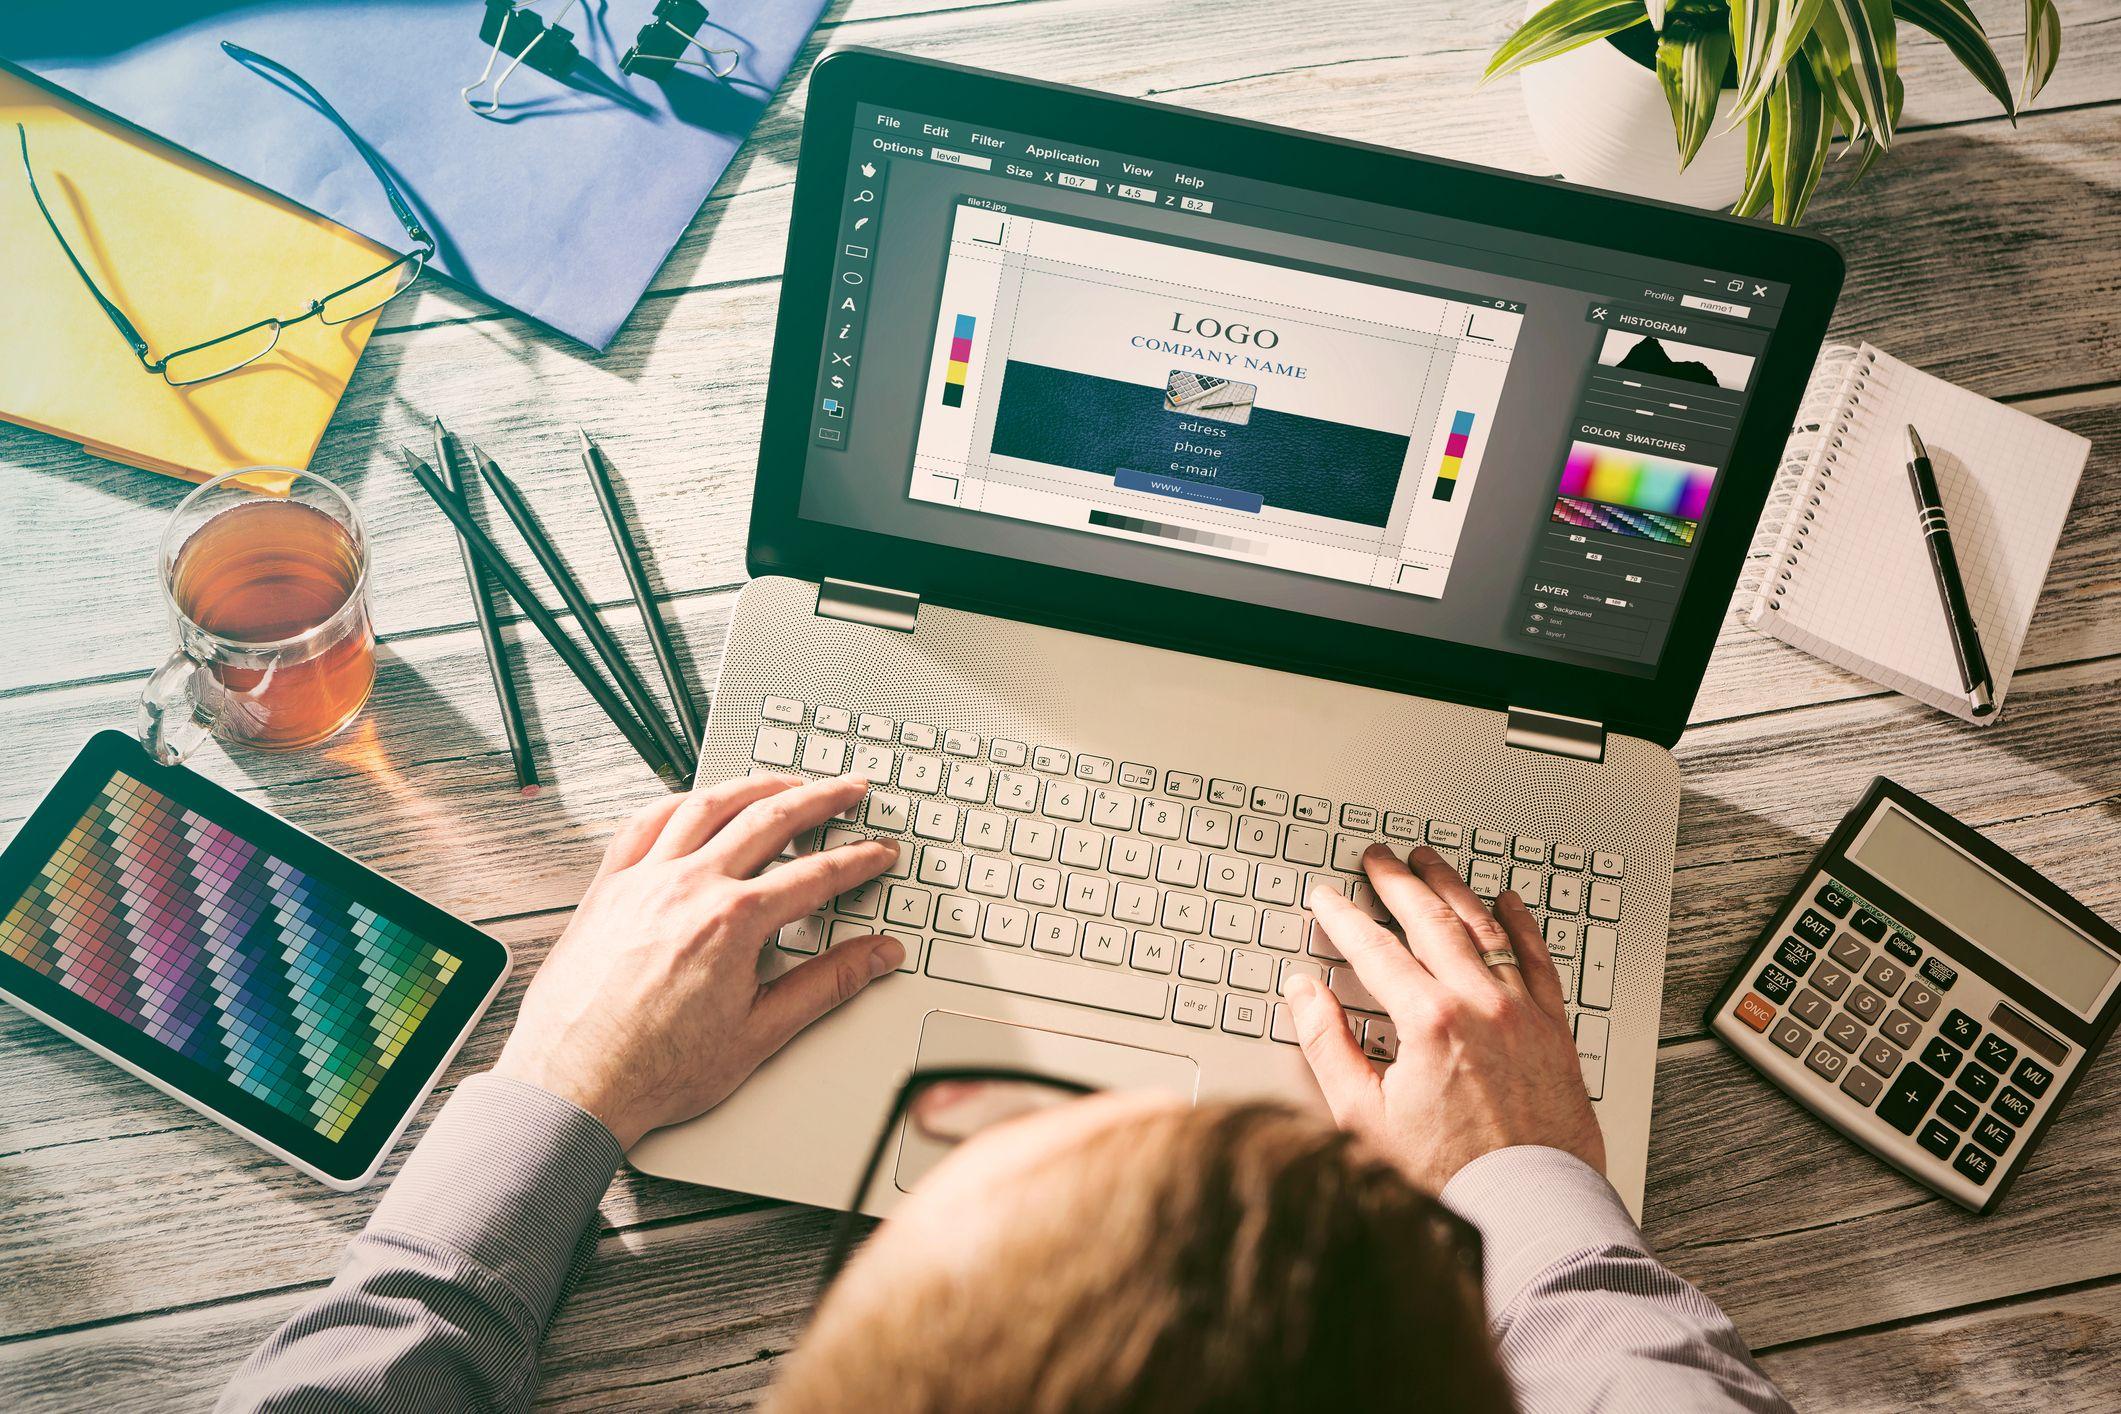 Design online. Upload your own art. Let us design for you.